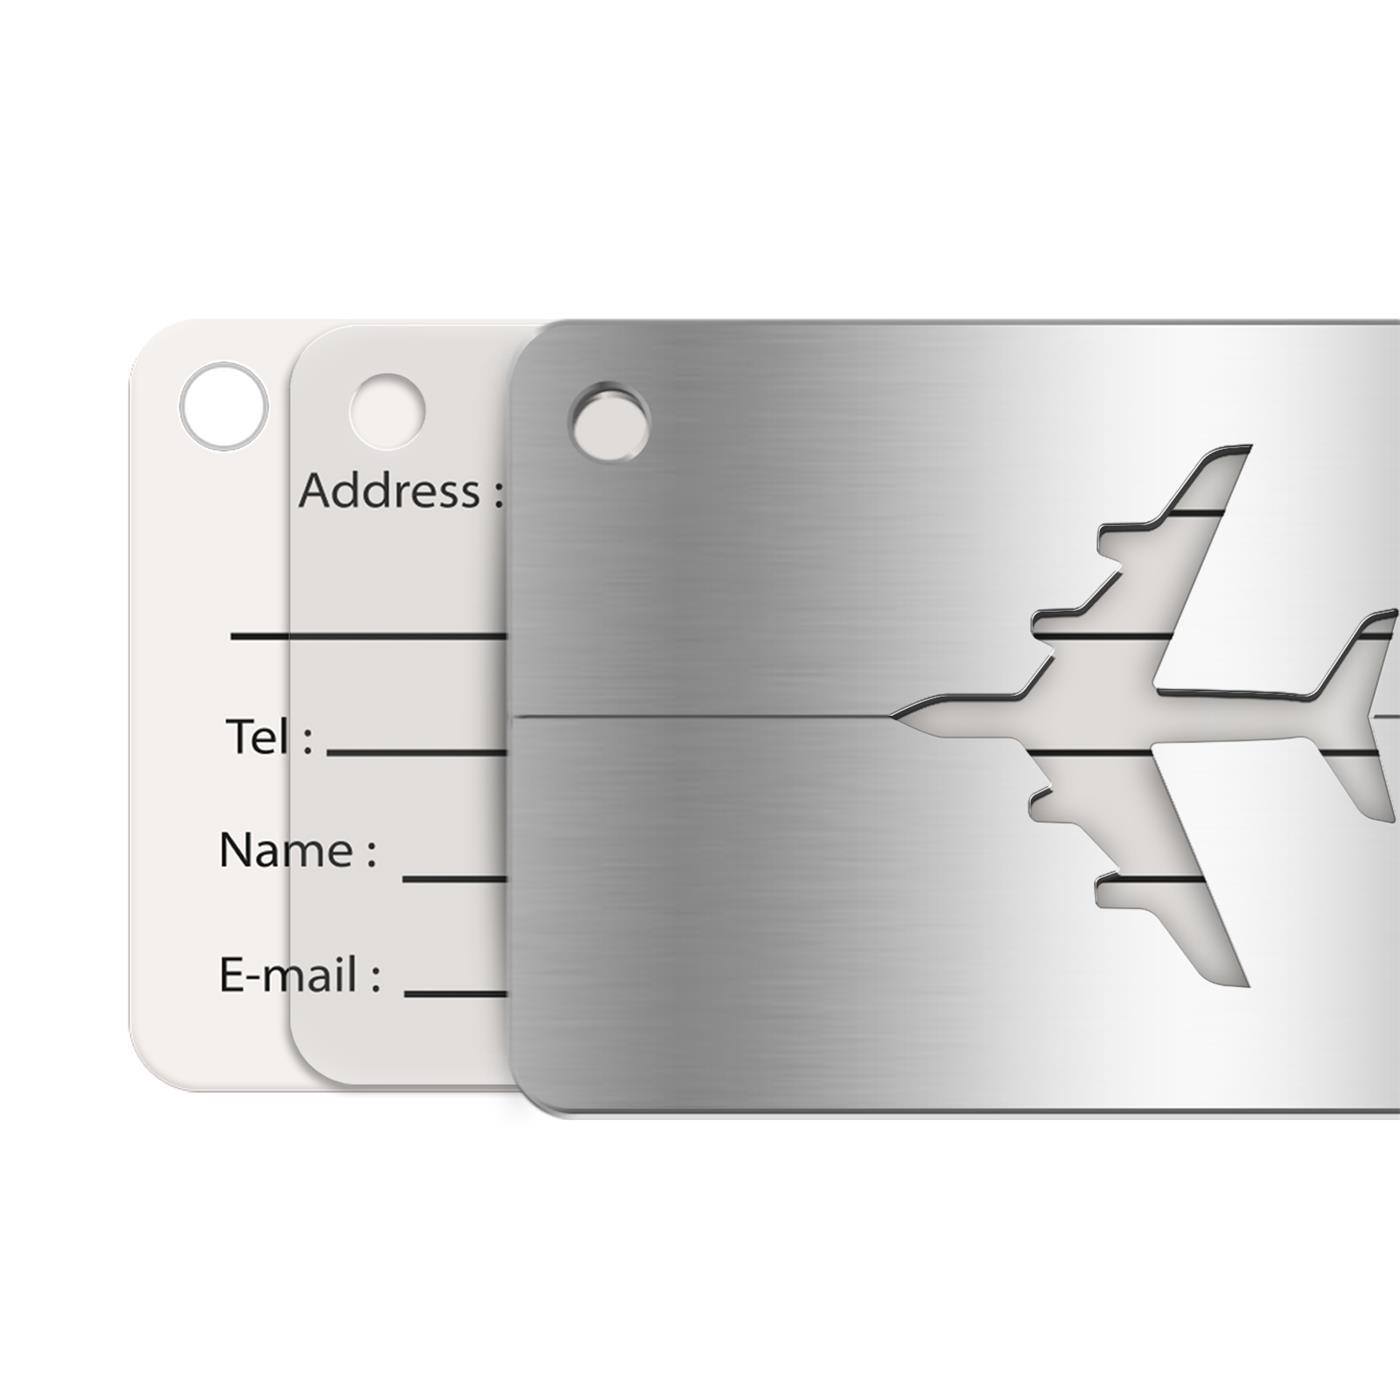 Reise-Kofferanhaenger-Namensschild-Gepaeck-Anhaenger-Schild-Urlaub-Flugzeug-Trolley Indexbild 23